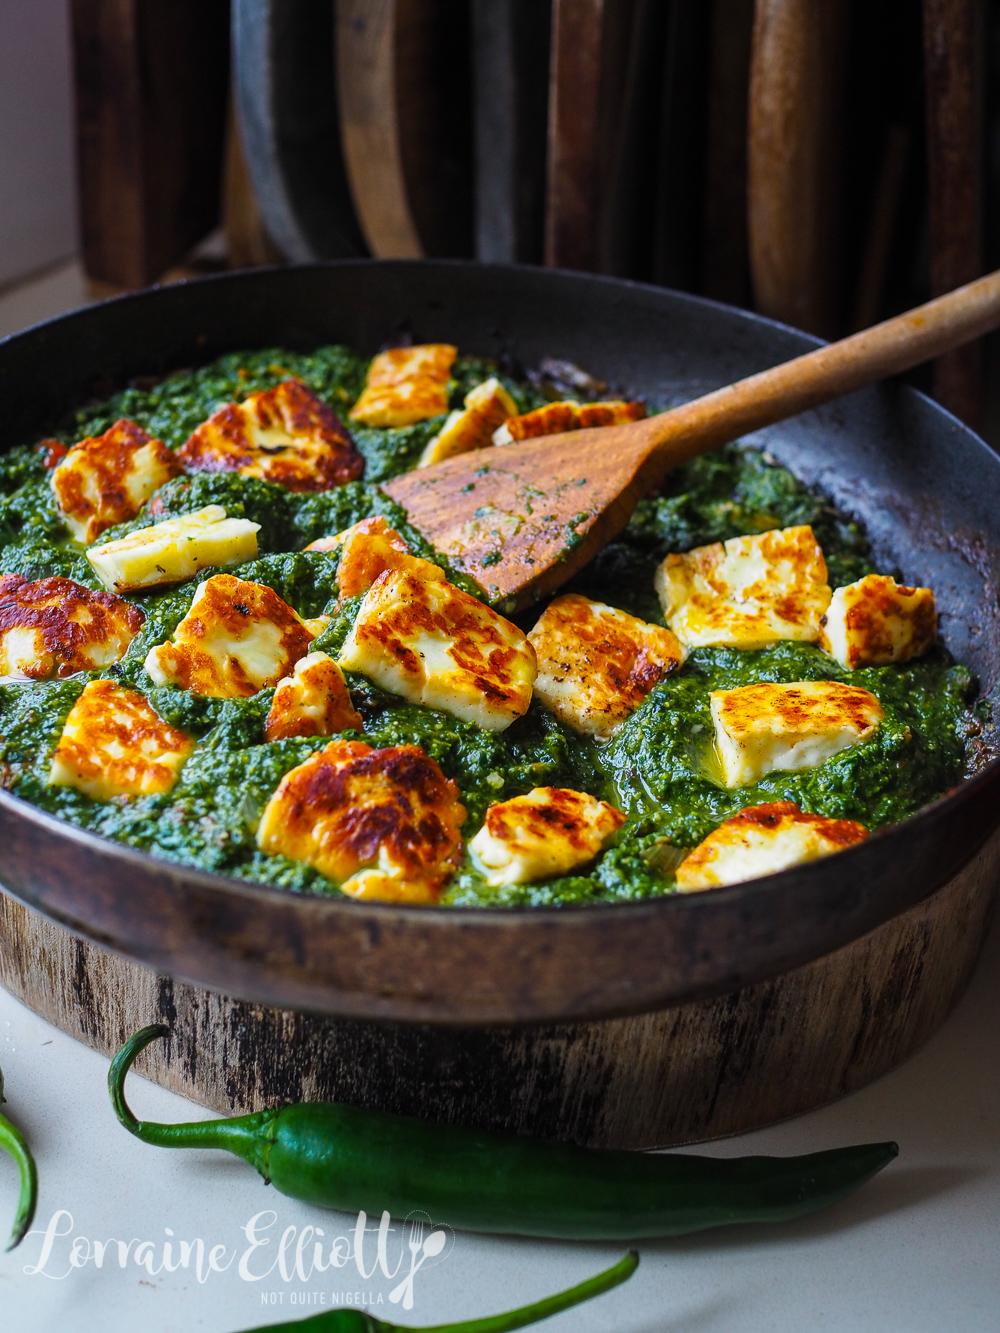 Top 5 Vegetarian Curries